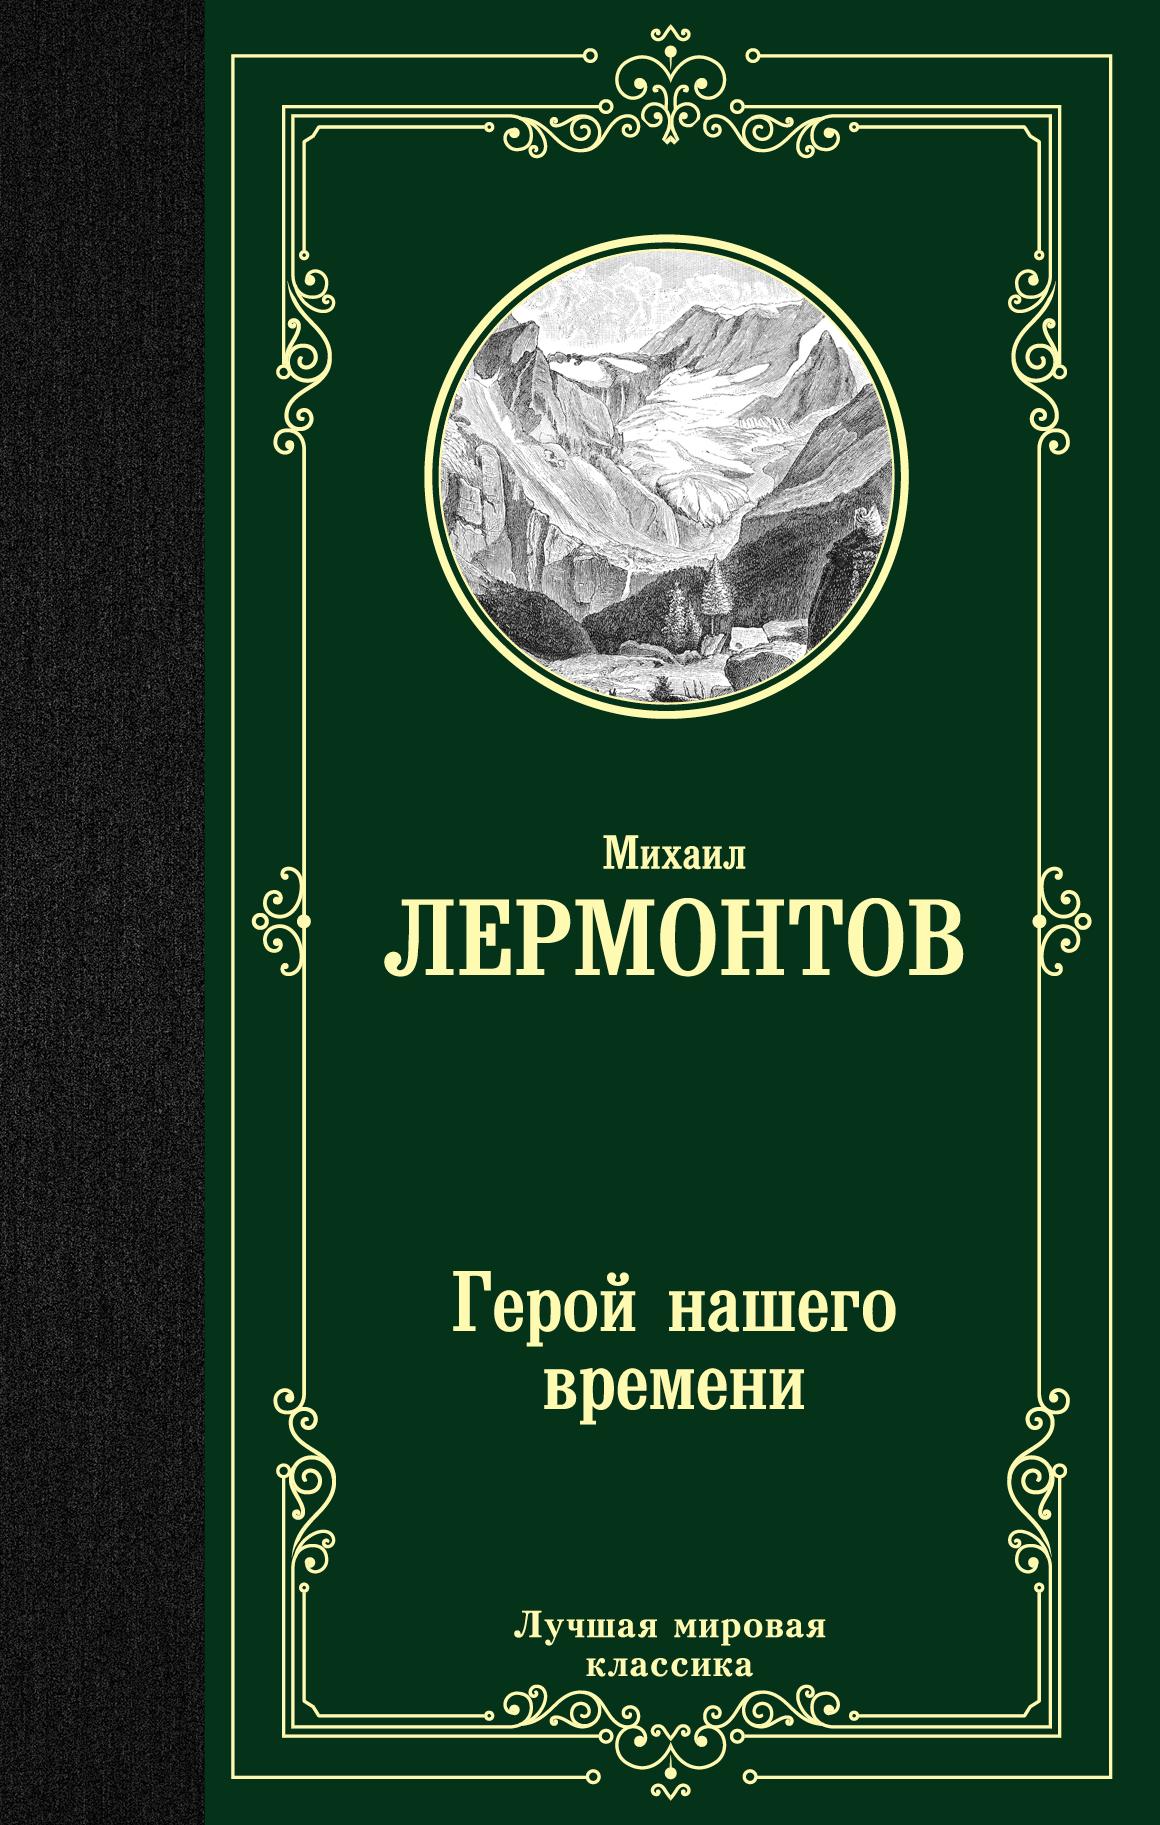 Михаил Юрьевич Лермонтов Герой нашего времени